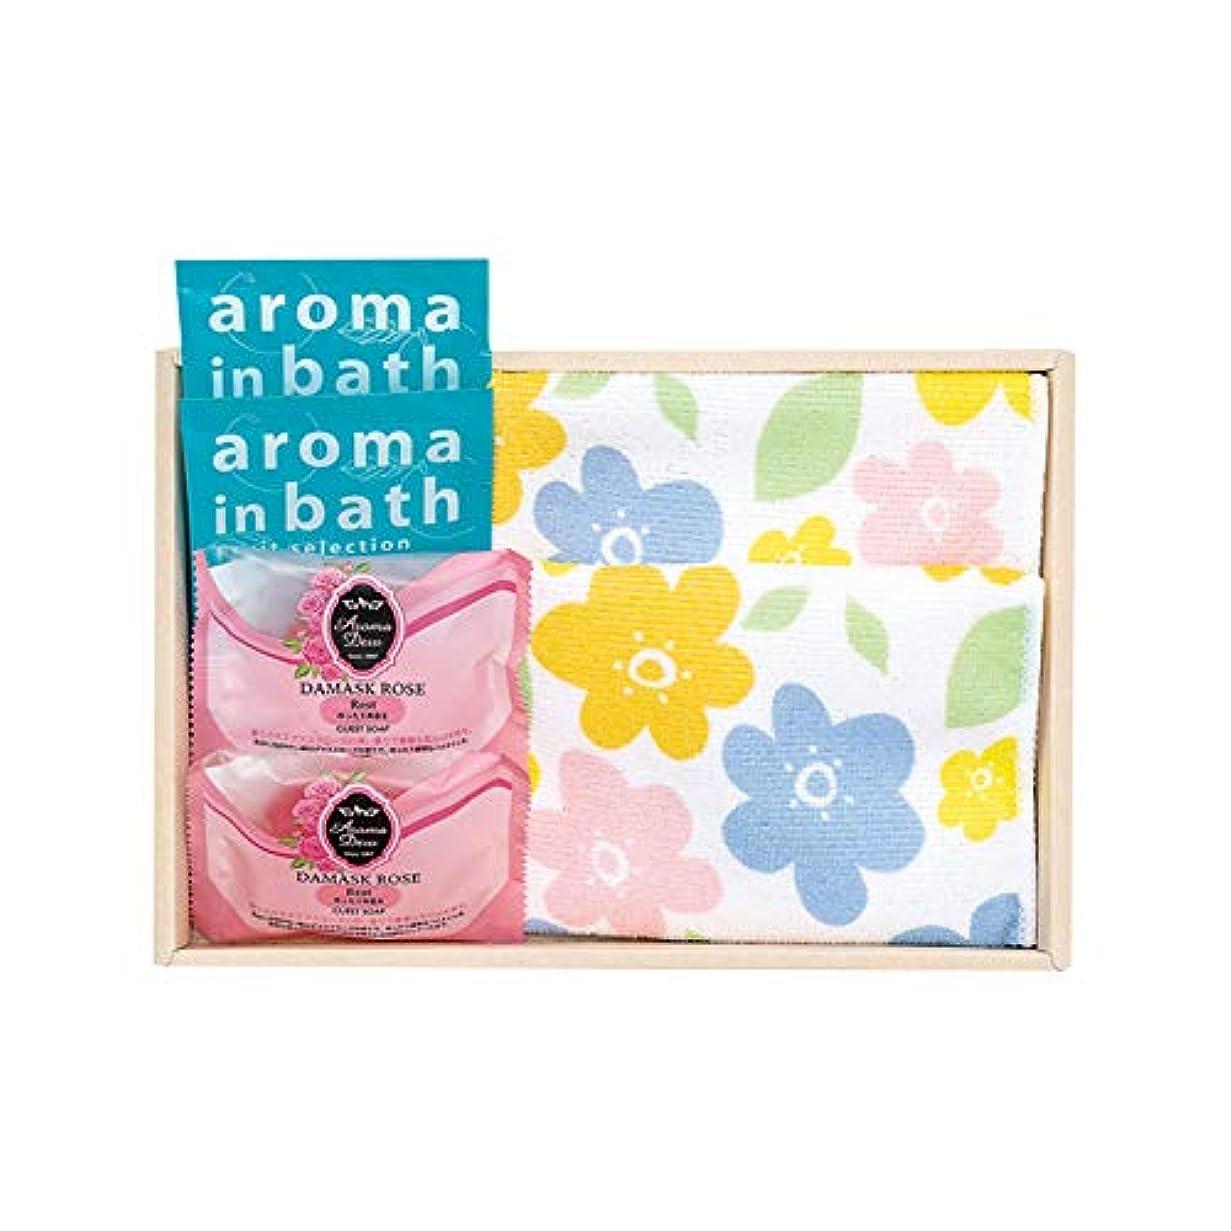 言い聞かせる矛盾するイノセンスアロマの香り バスセット 341-81 入浴剤ギフト